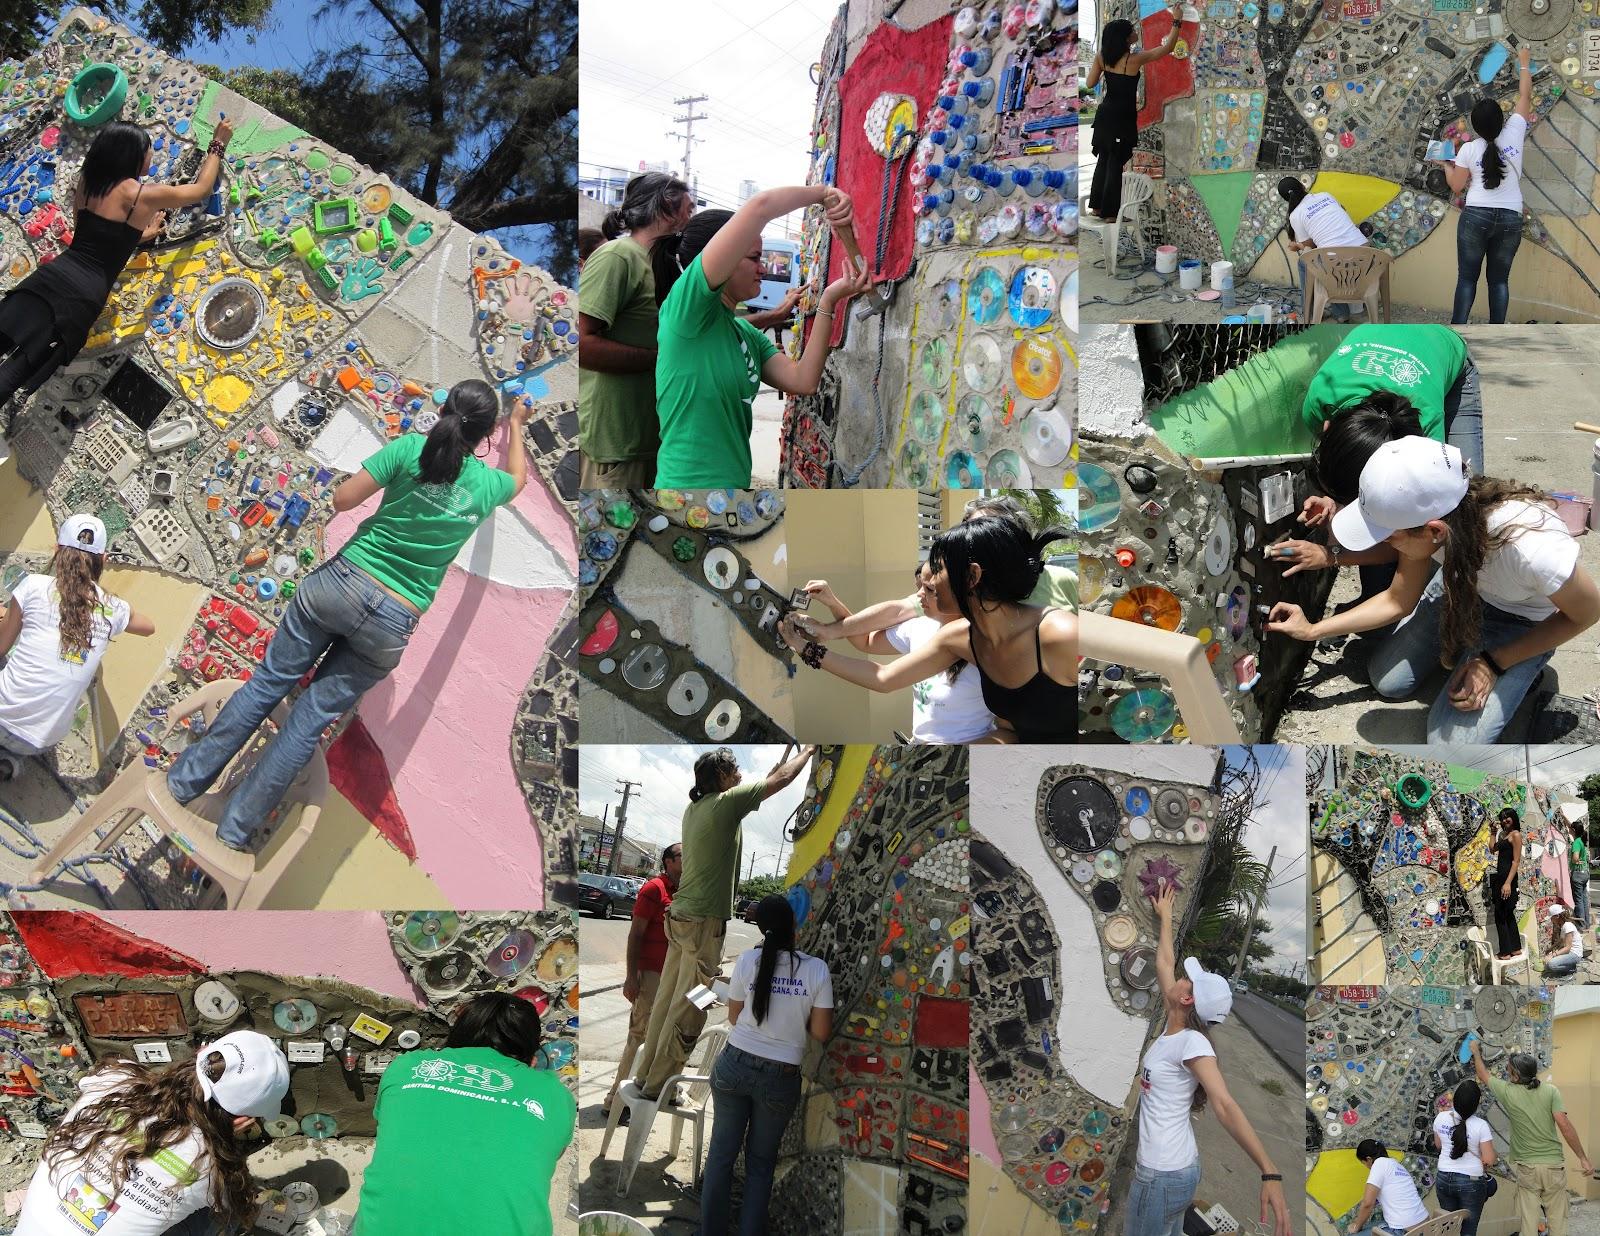 Comunidad mardom mural reciclado hogar escuela rosa duarte for Mural collage